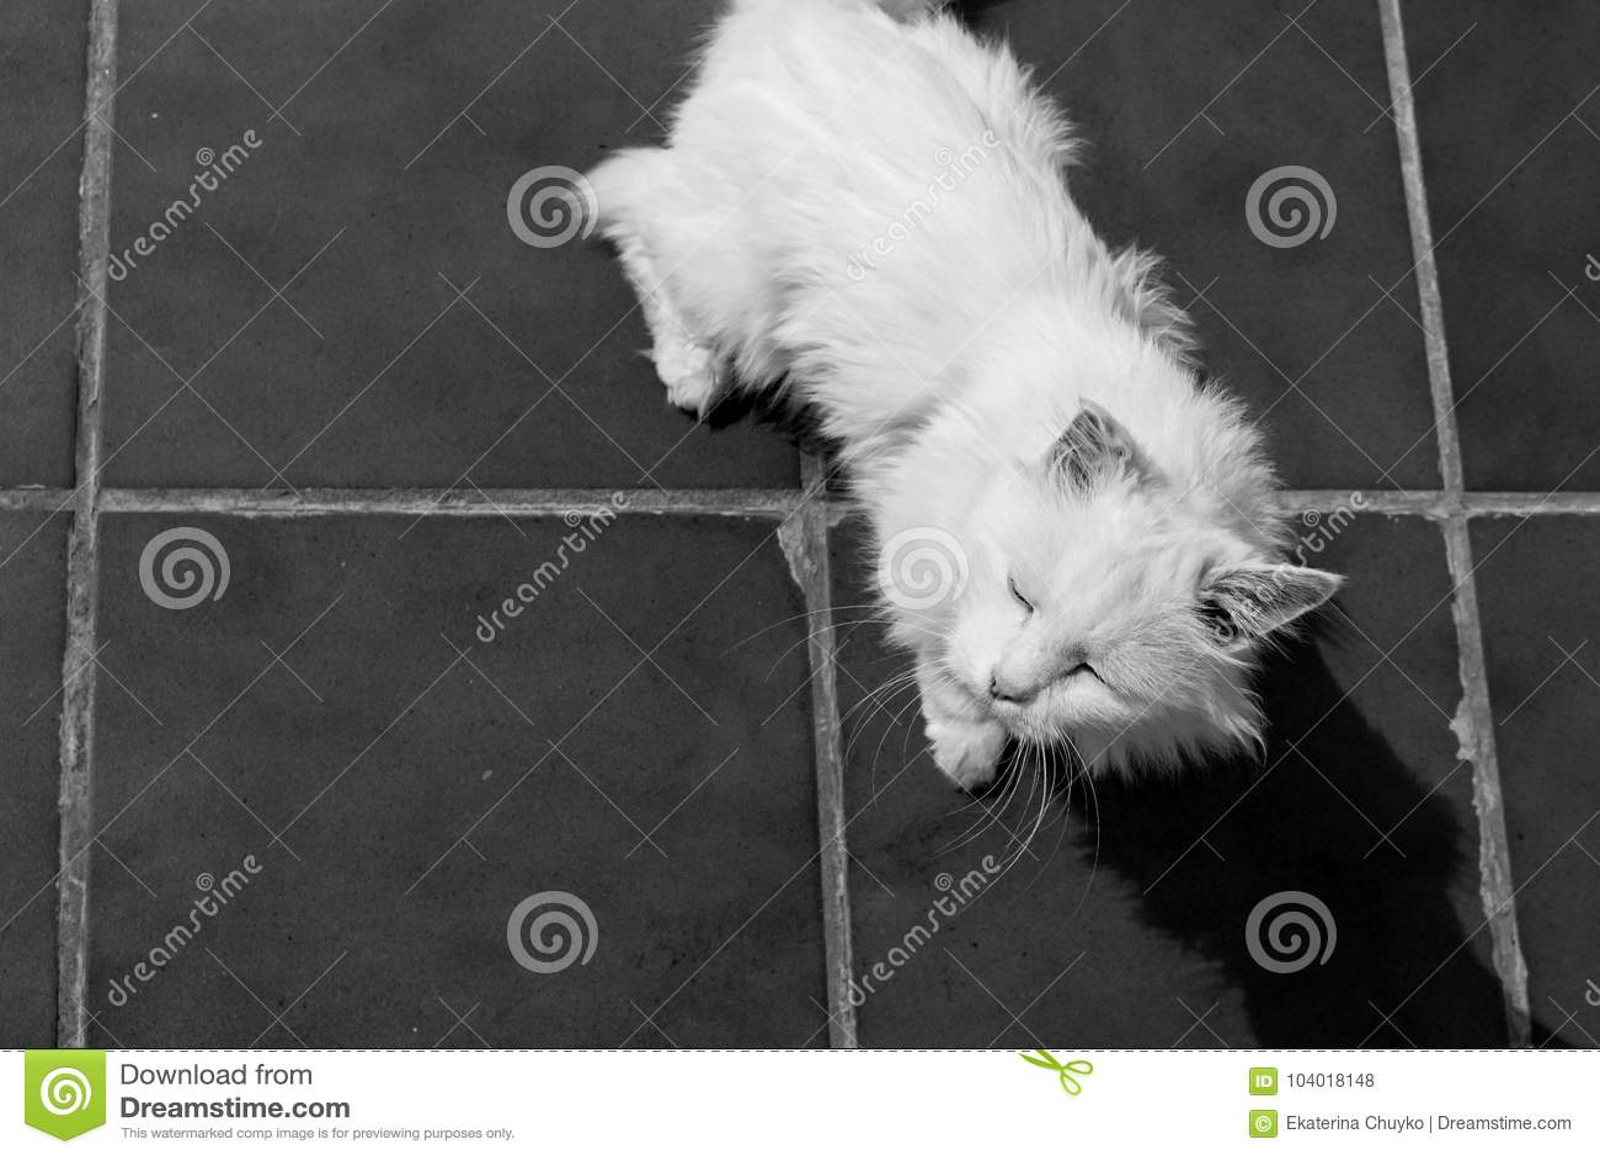 Turkish Angora White Cat Stock Photo Image Of White 104018148